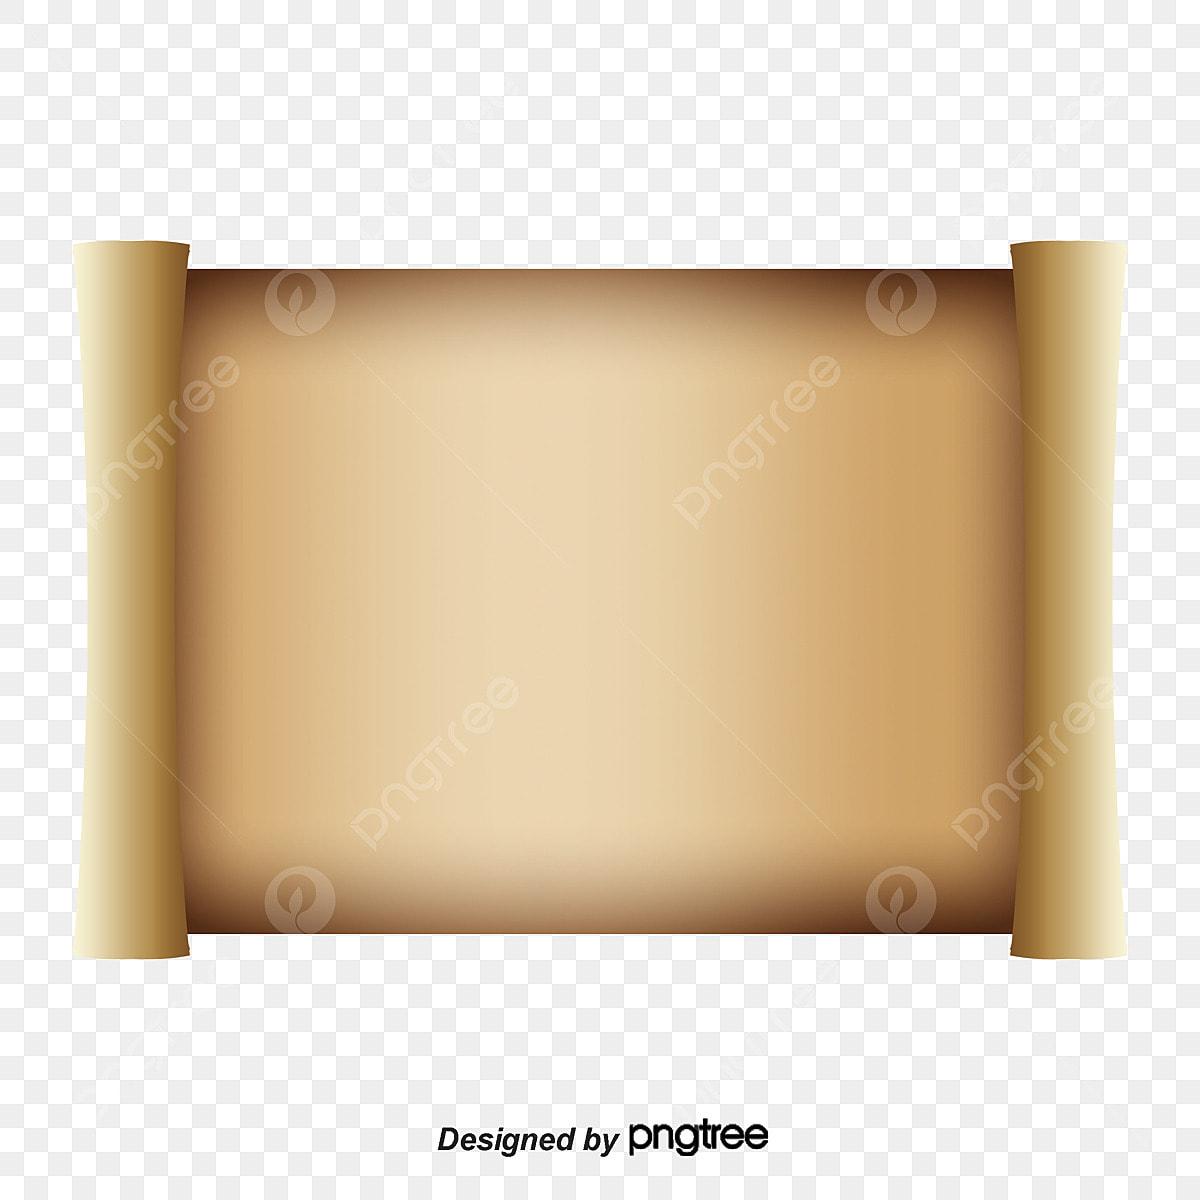 無料ダウンロードのための古い紙の巻物 古い 紙 巻物png画像素材